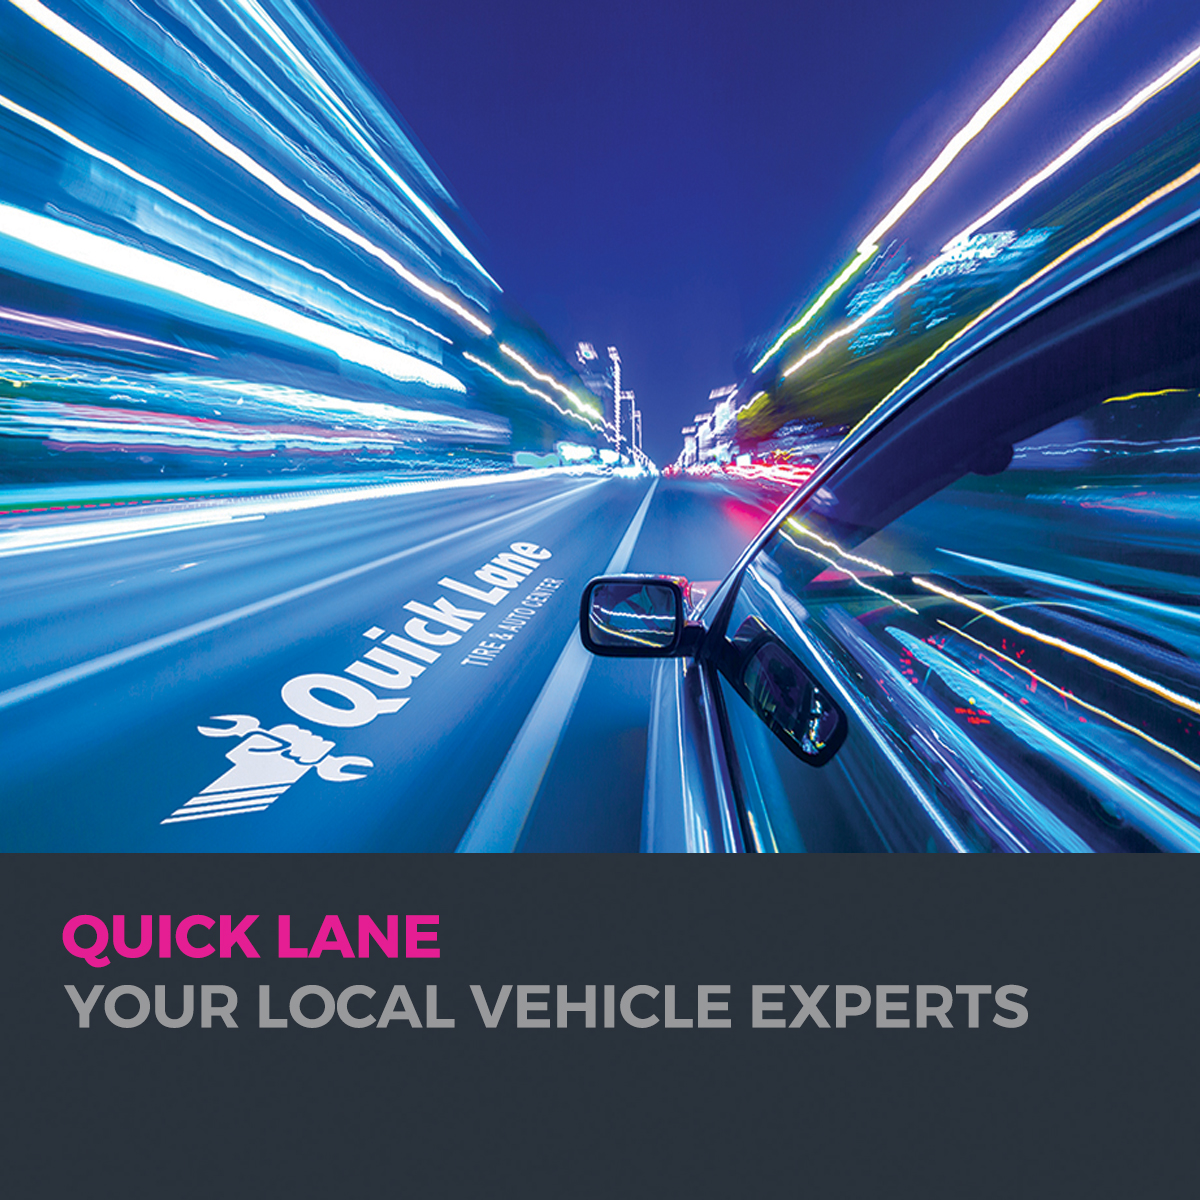 Quick lane design